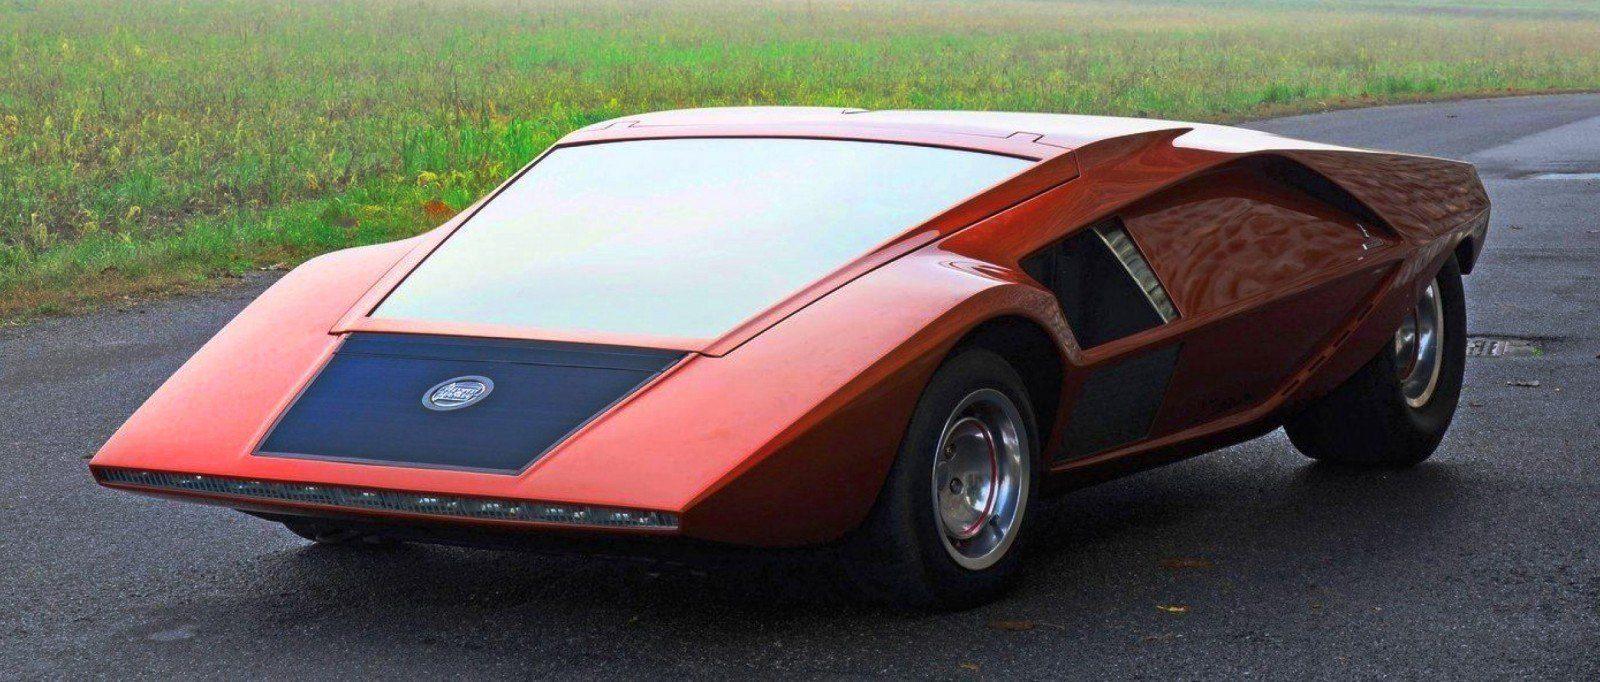 1970-Lancia-Stratos-Hf-Zero-02-1800x2880